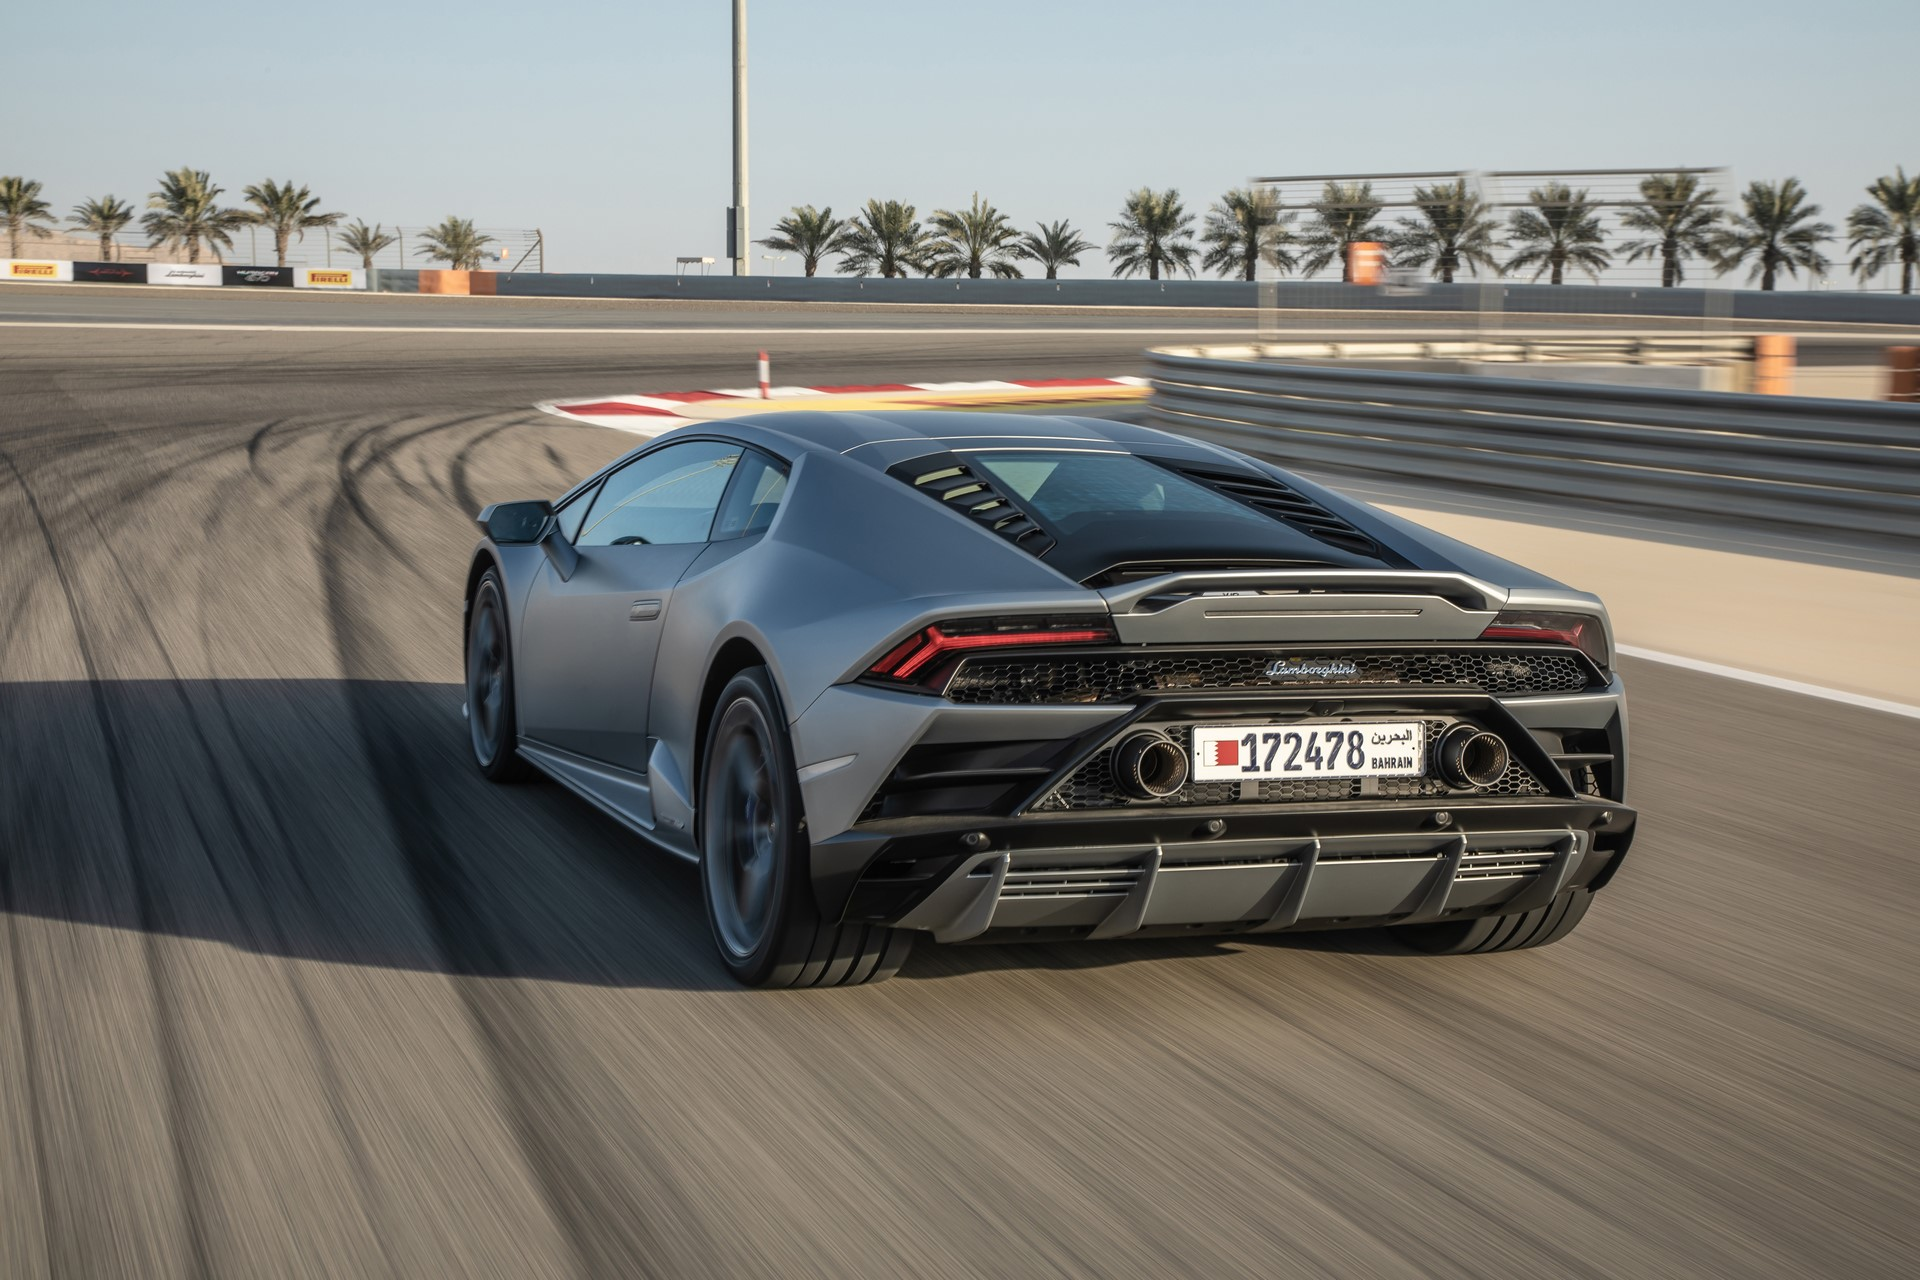 Lamborghini Huracan Evo 2019 (66)